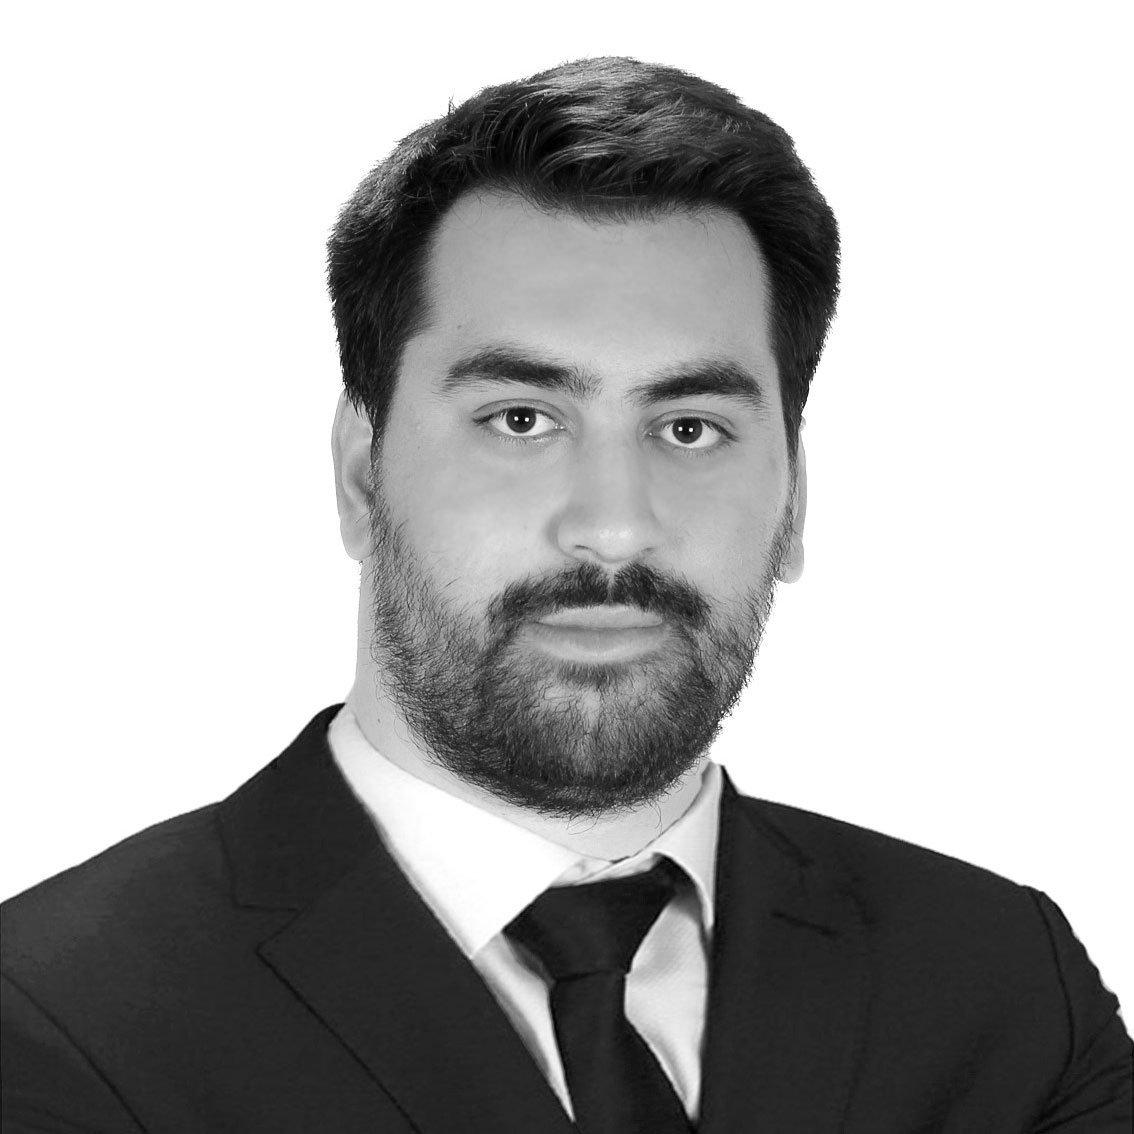 Ahmet Berhan Aytekin